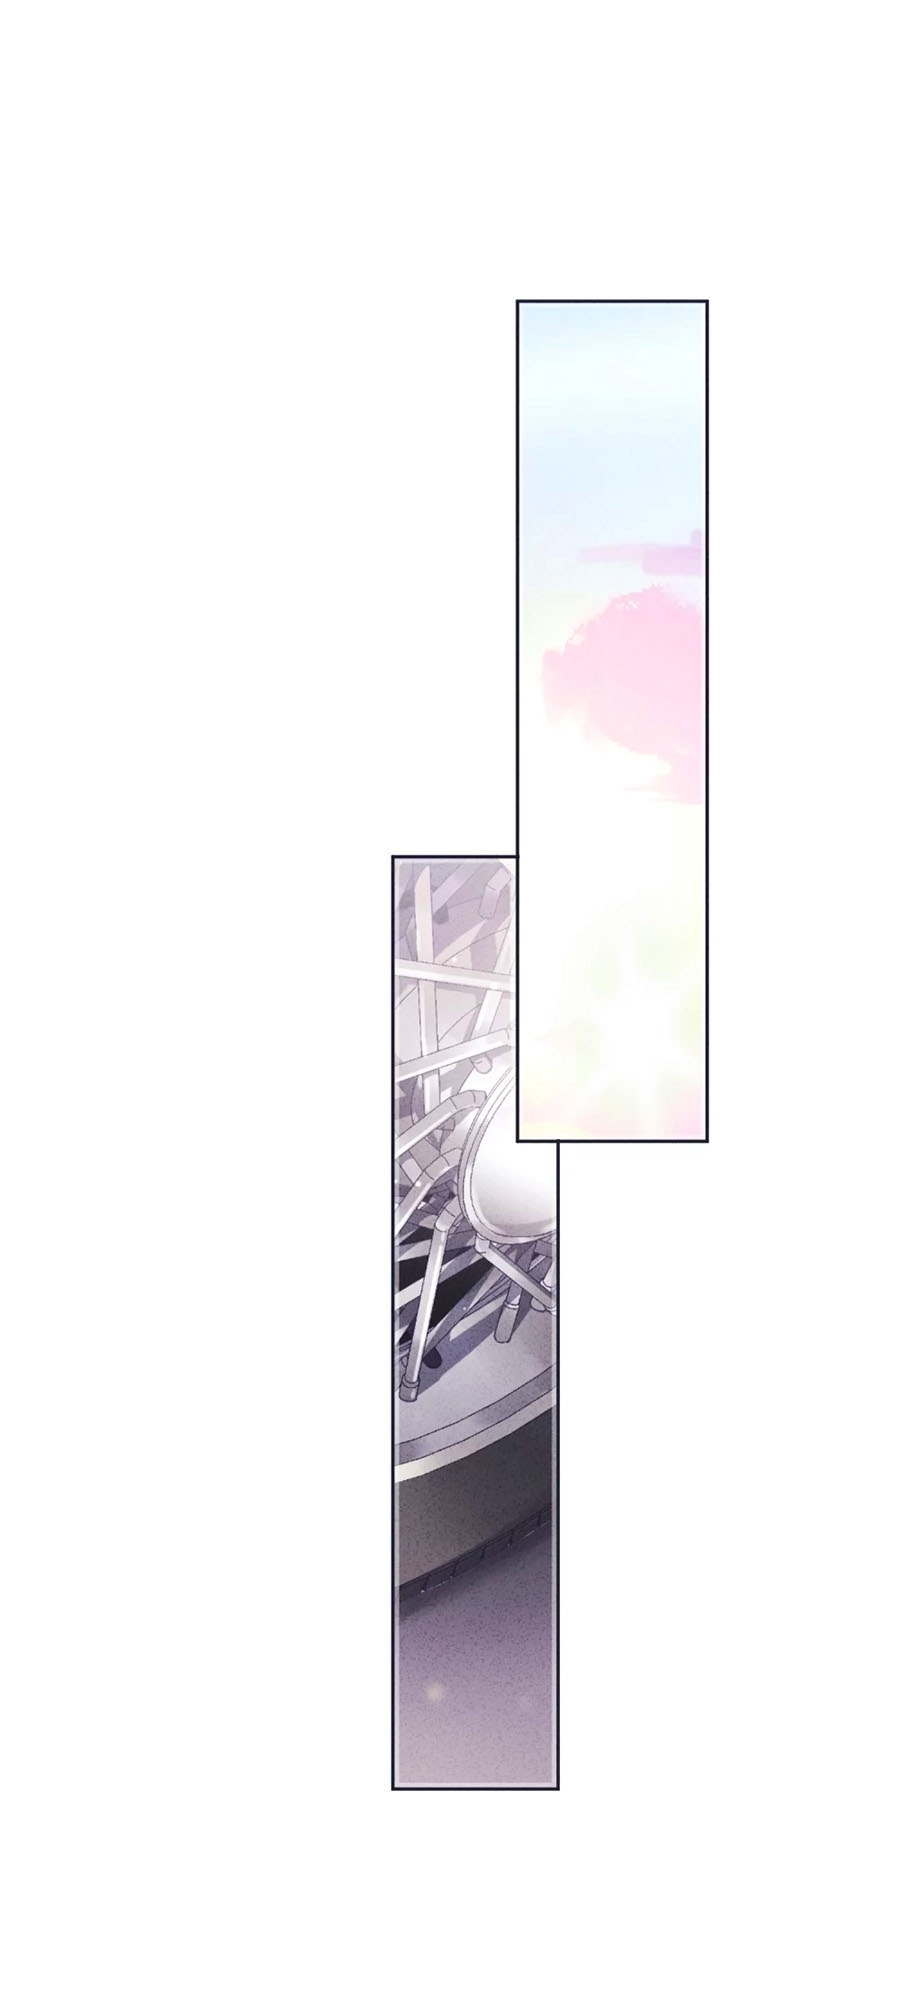 Thiếu Soái, Vợ Anh Muốn Lật Trời! Chapter 63 - Trang 13